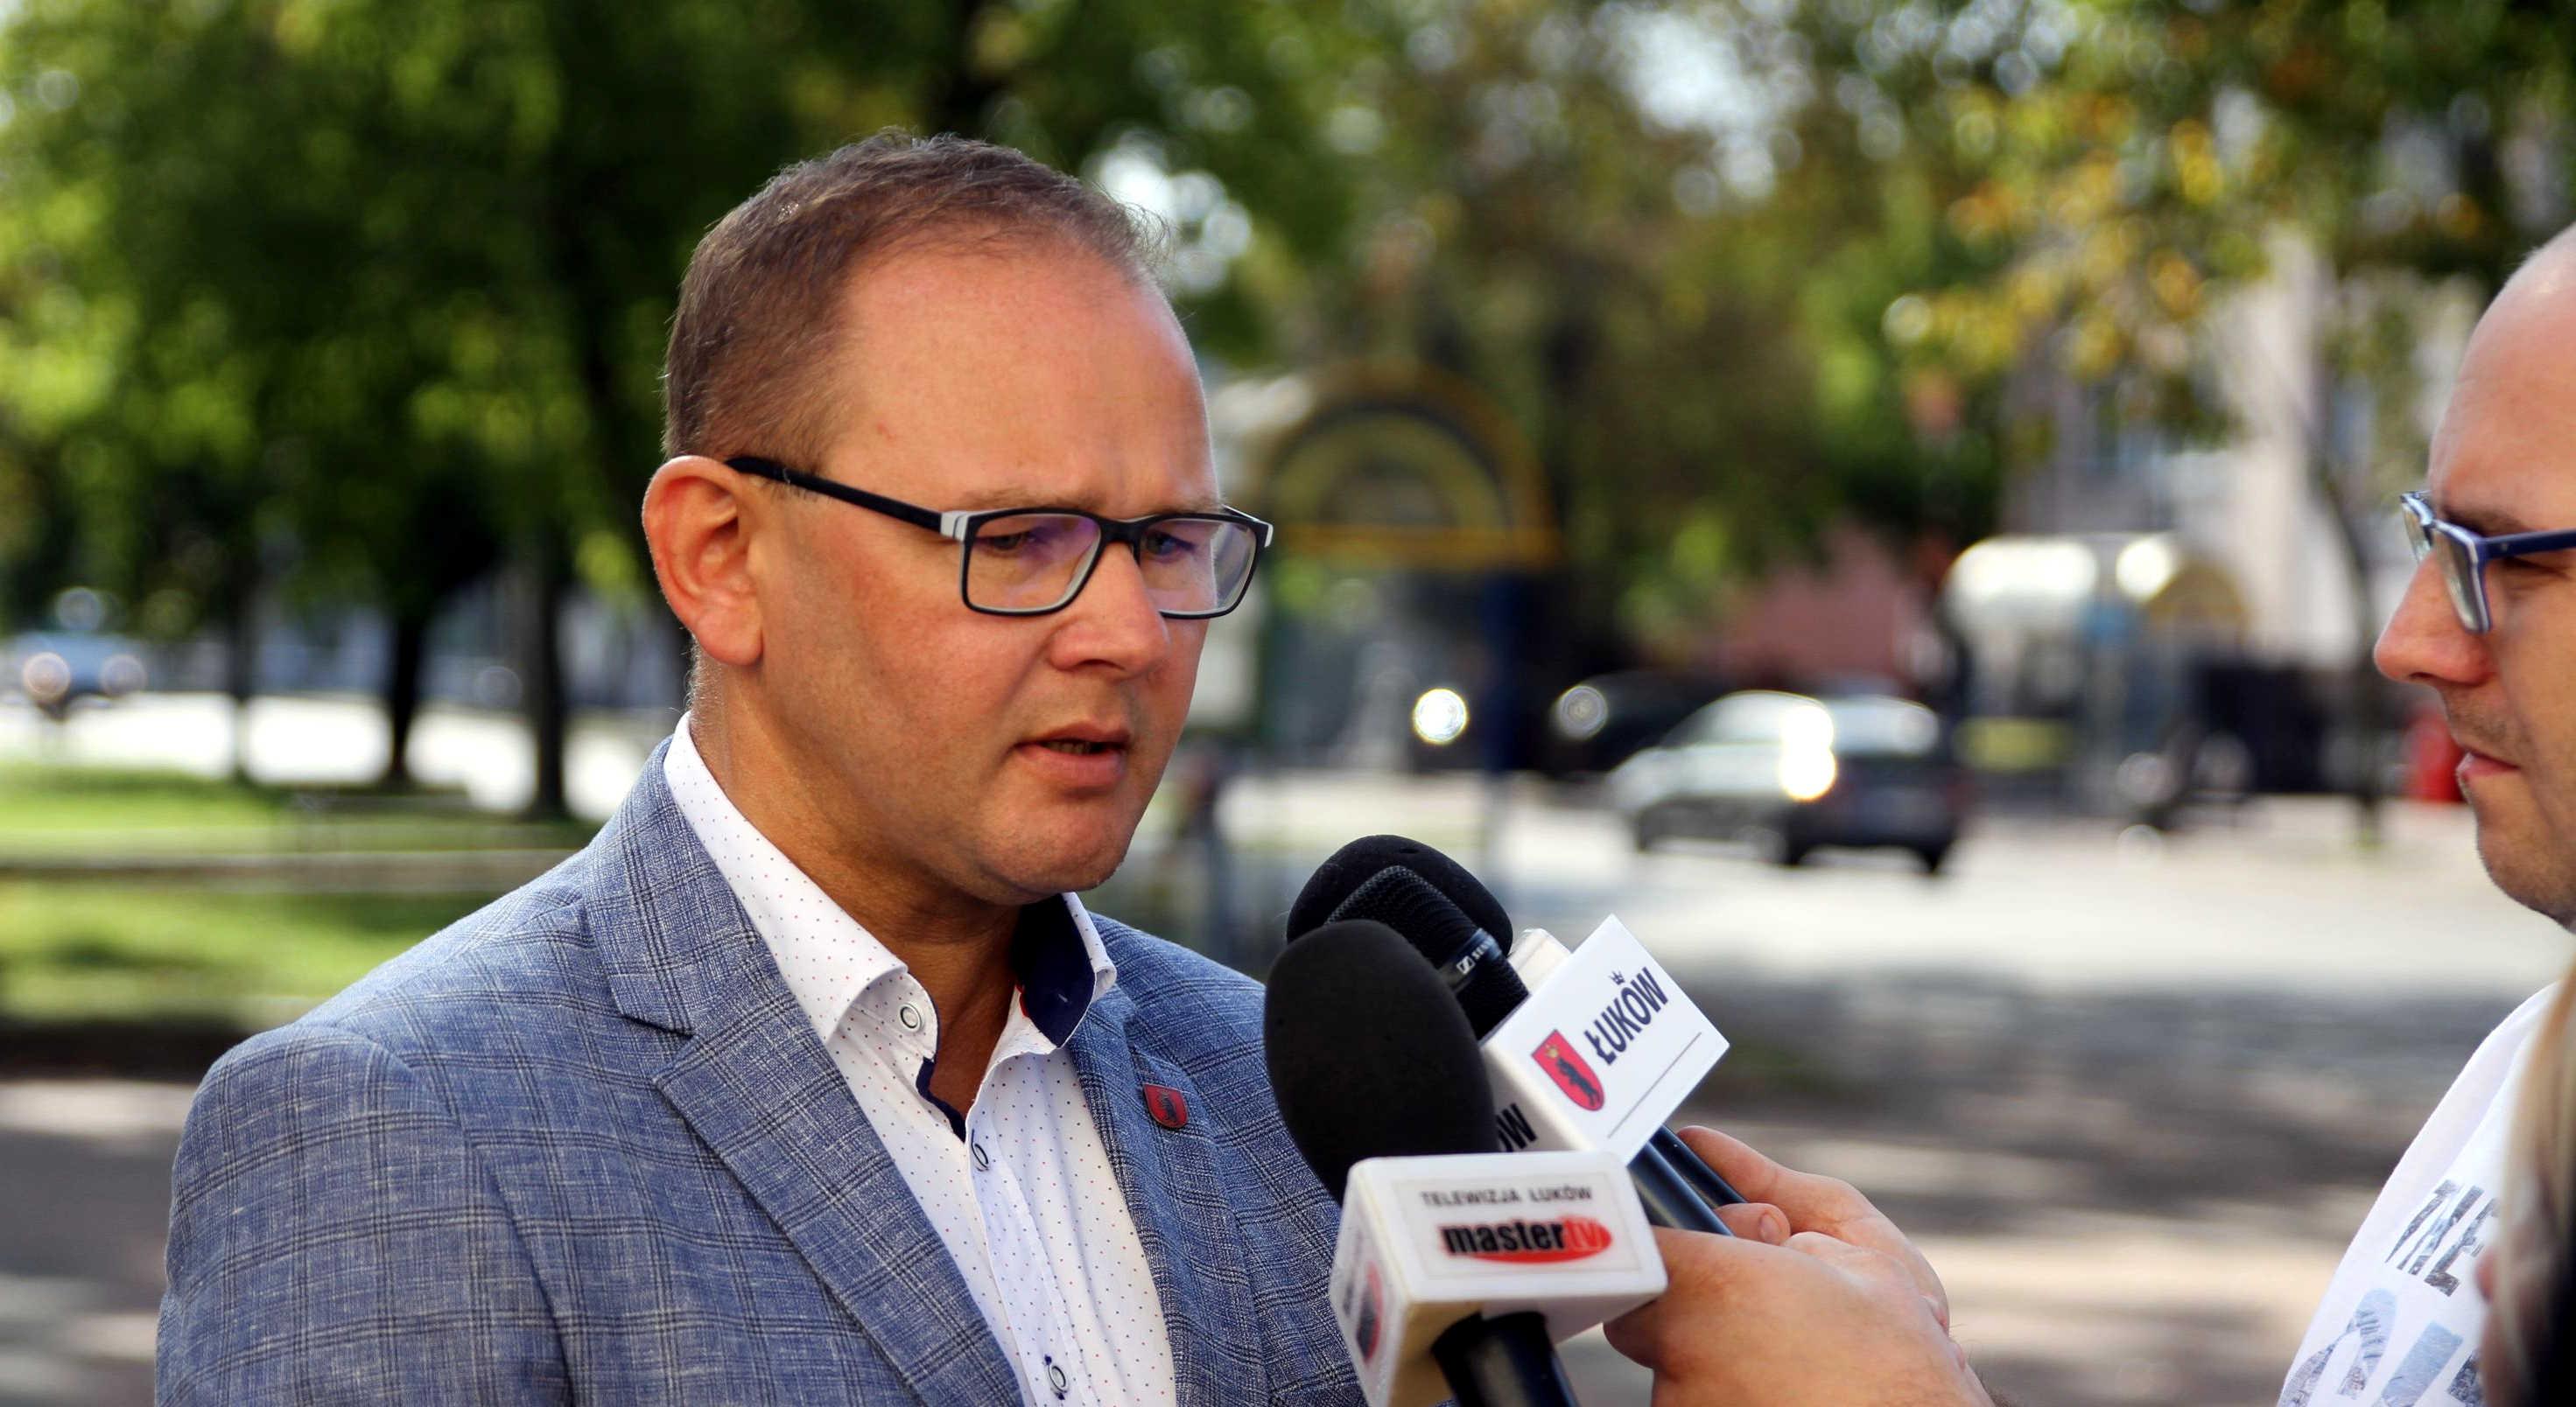 Batalia o kształt budżetu Łukowa. Burmistrz: Radni chcą wyrzucenia Placu Narutowicza z planu inwestycji  - Zdjęcie główne